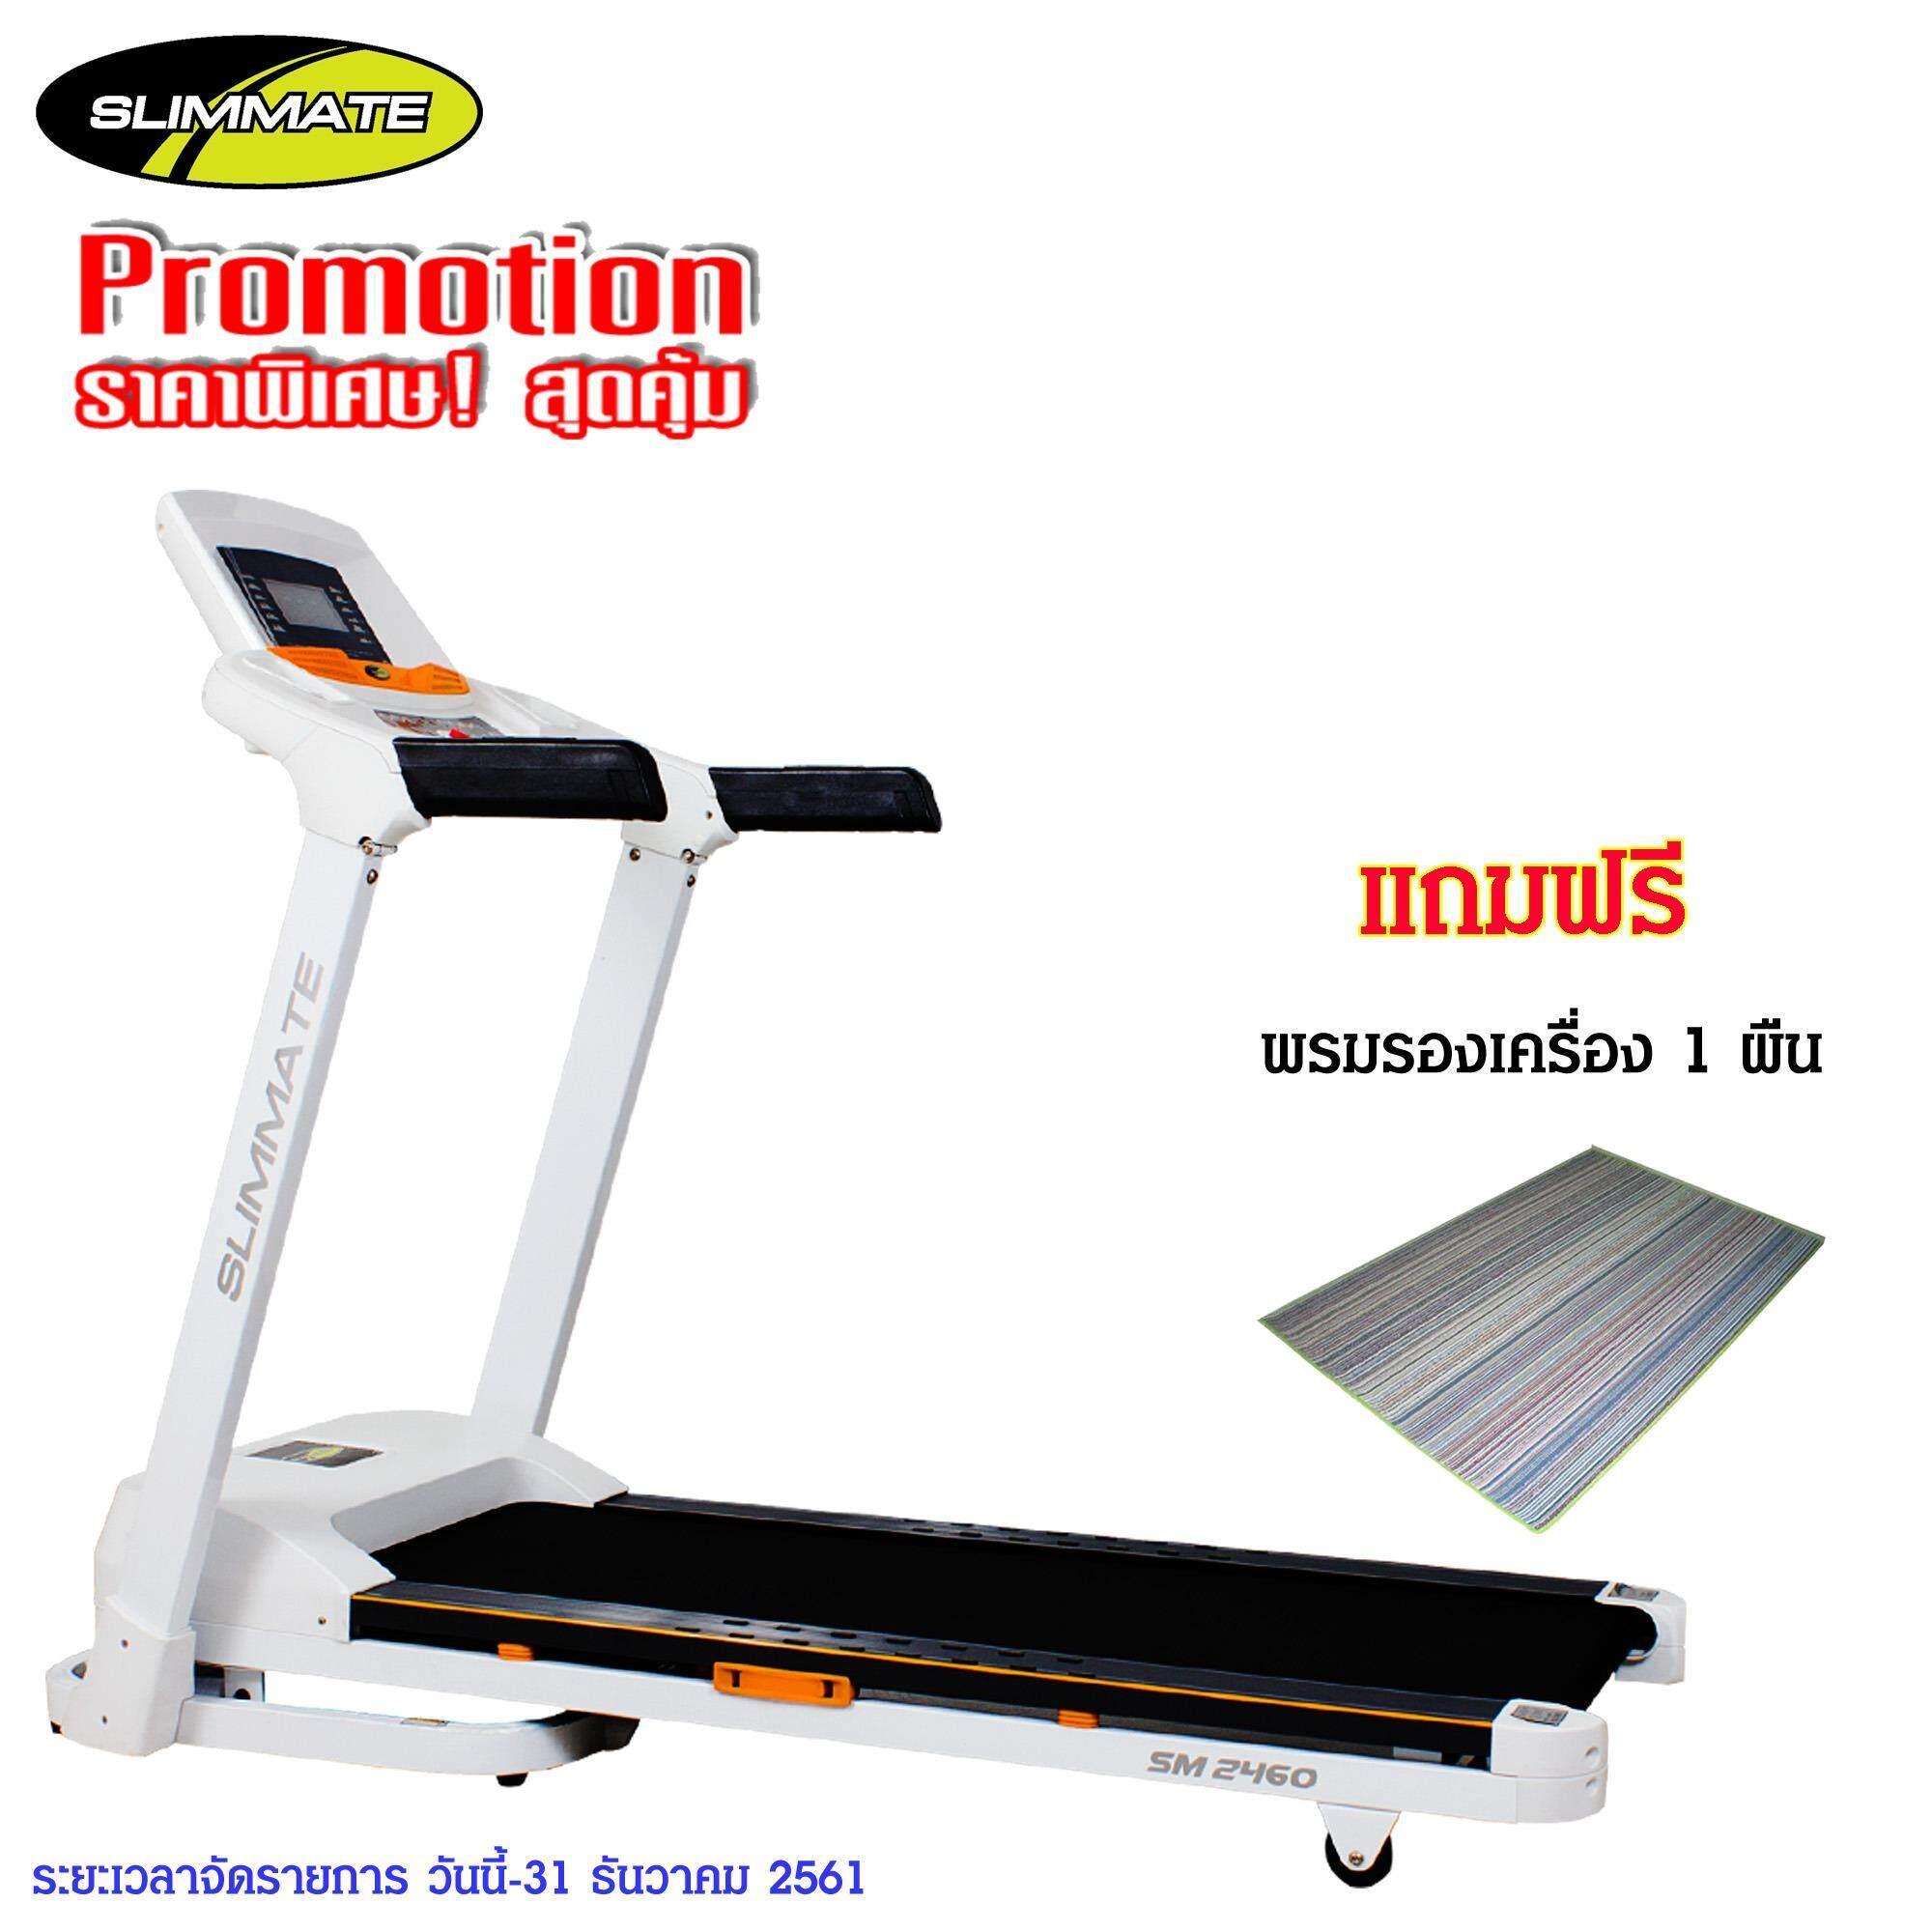 สุดยอดสินค้า!! Slimmate เครื่องวิ่งไฟฟ้า TREADMILL รุ่น SM 2460 (White)